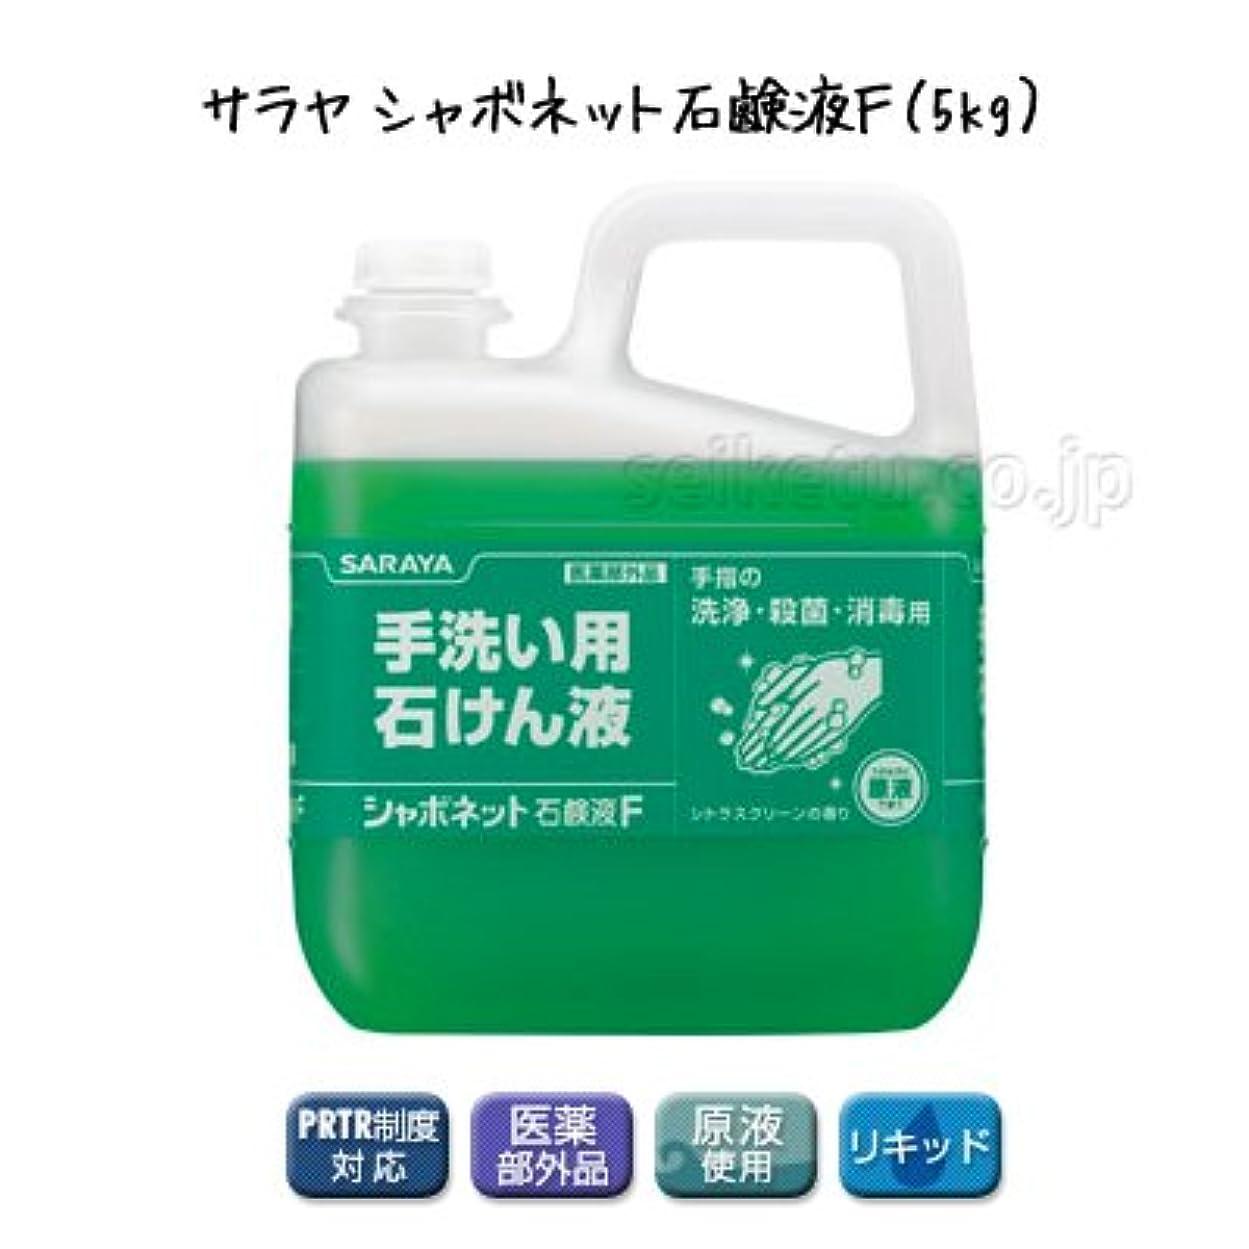 本土答え超えて【清潔キレイ館】サラヤ シャボネット石鹸液F(5kg)